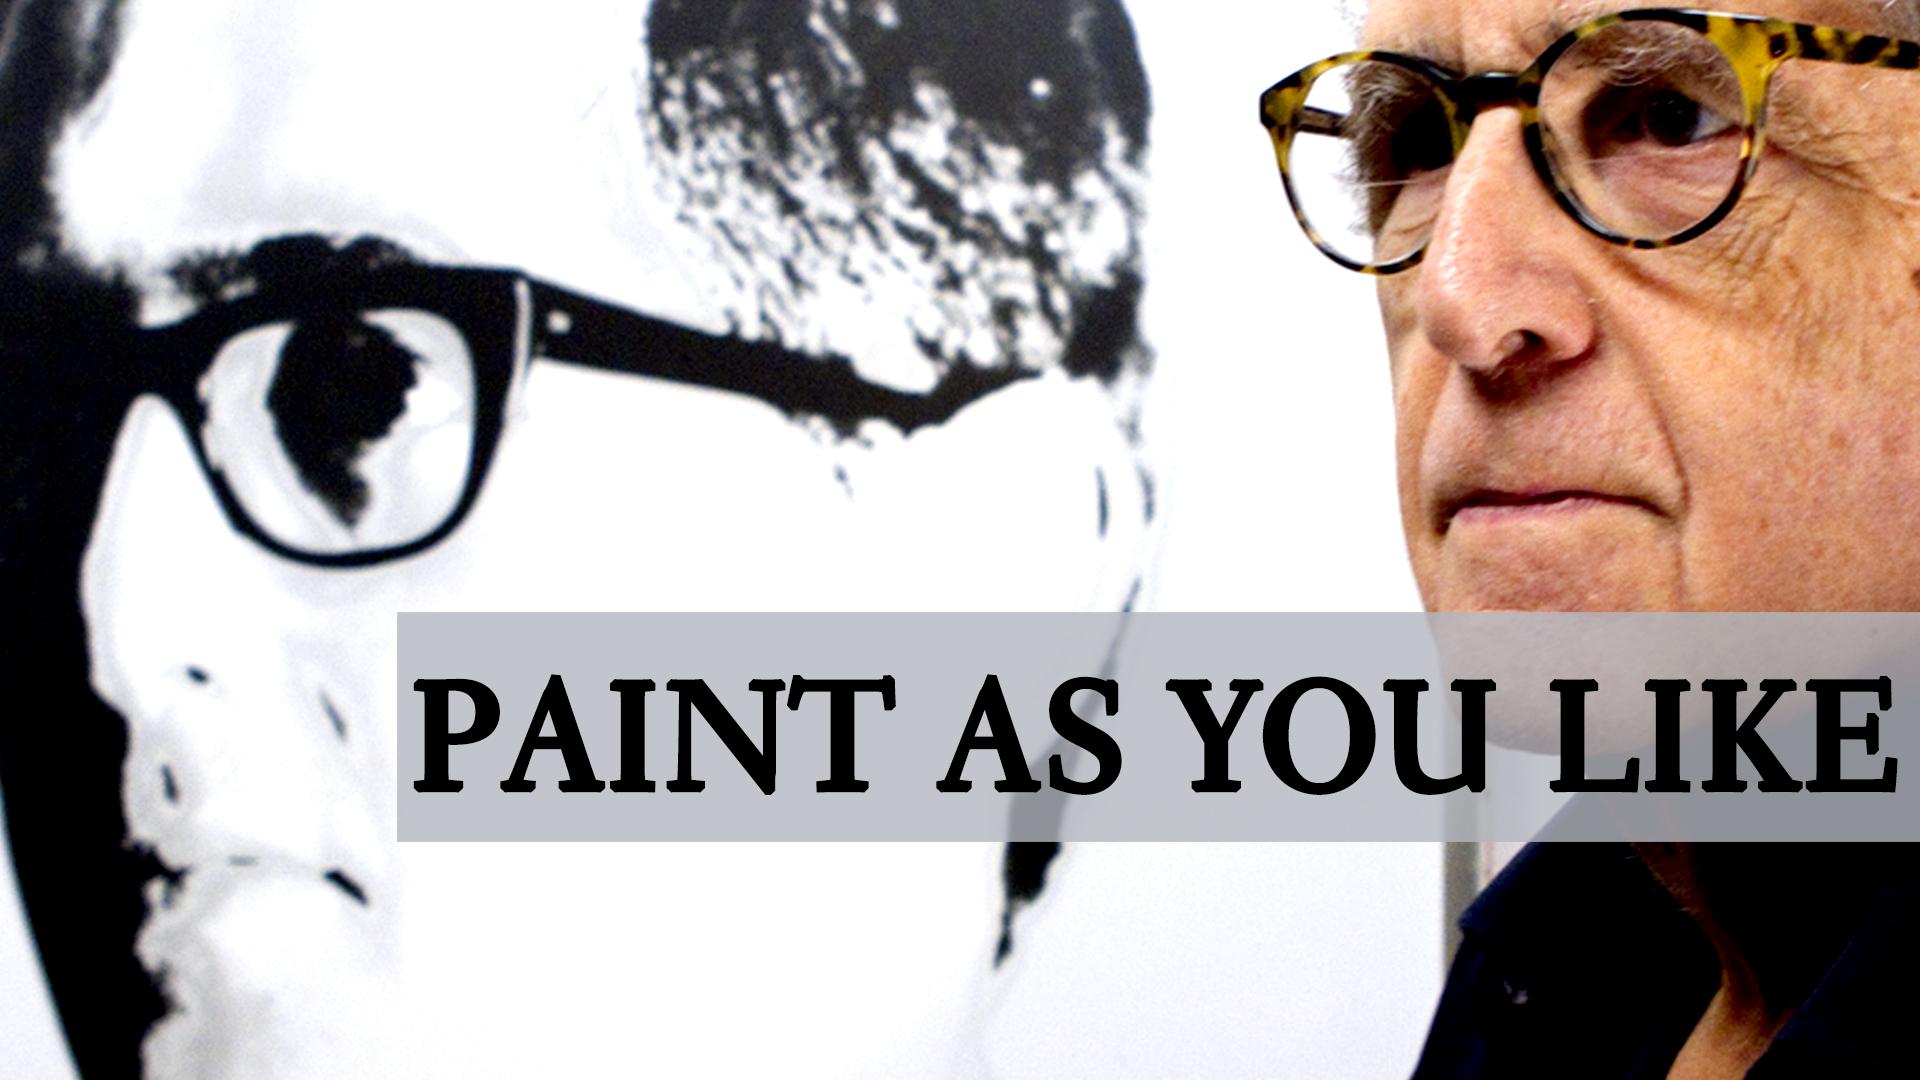 Paint as You Like